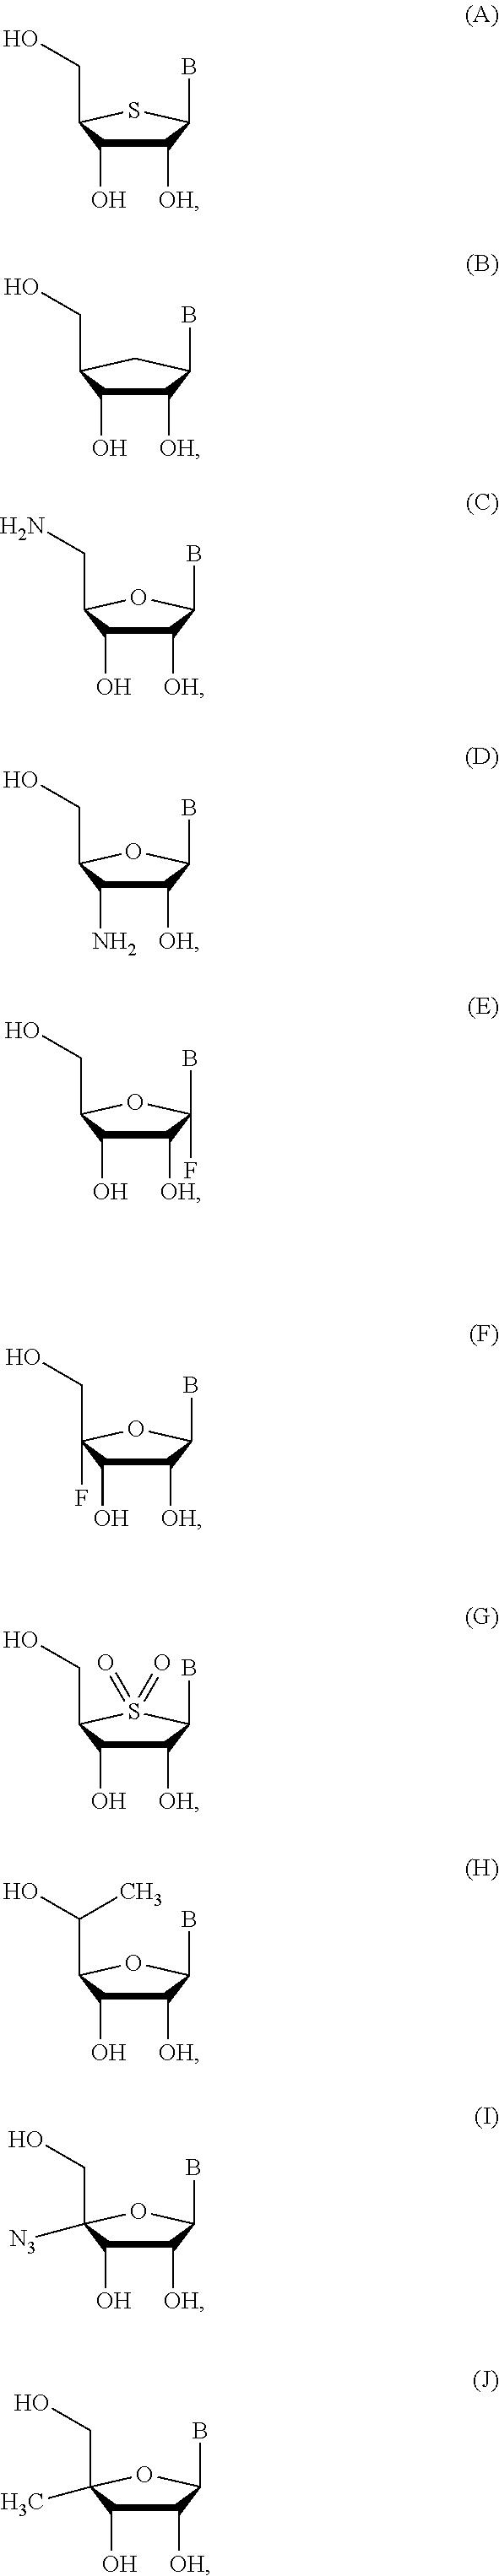 Figure US20160237108A1-20160818-C00003